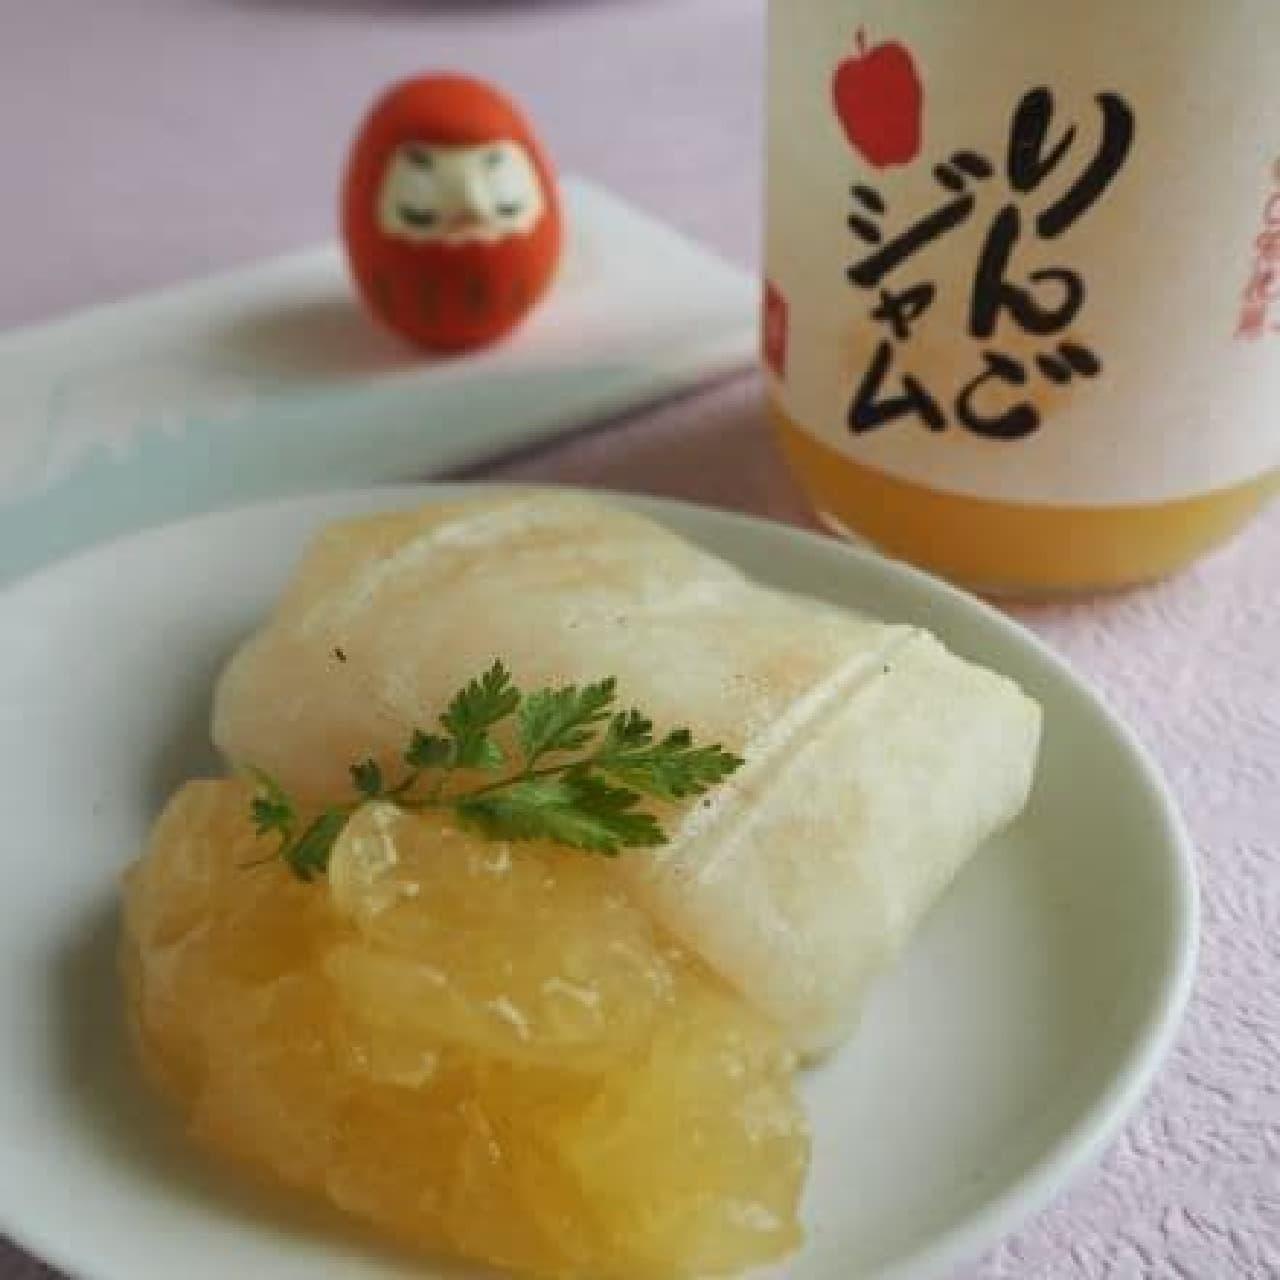 「もへじ りんごジャム」は、青森県産のリンゴを使い素材の味をいかしたジャム